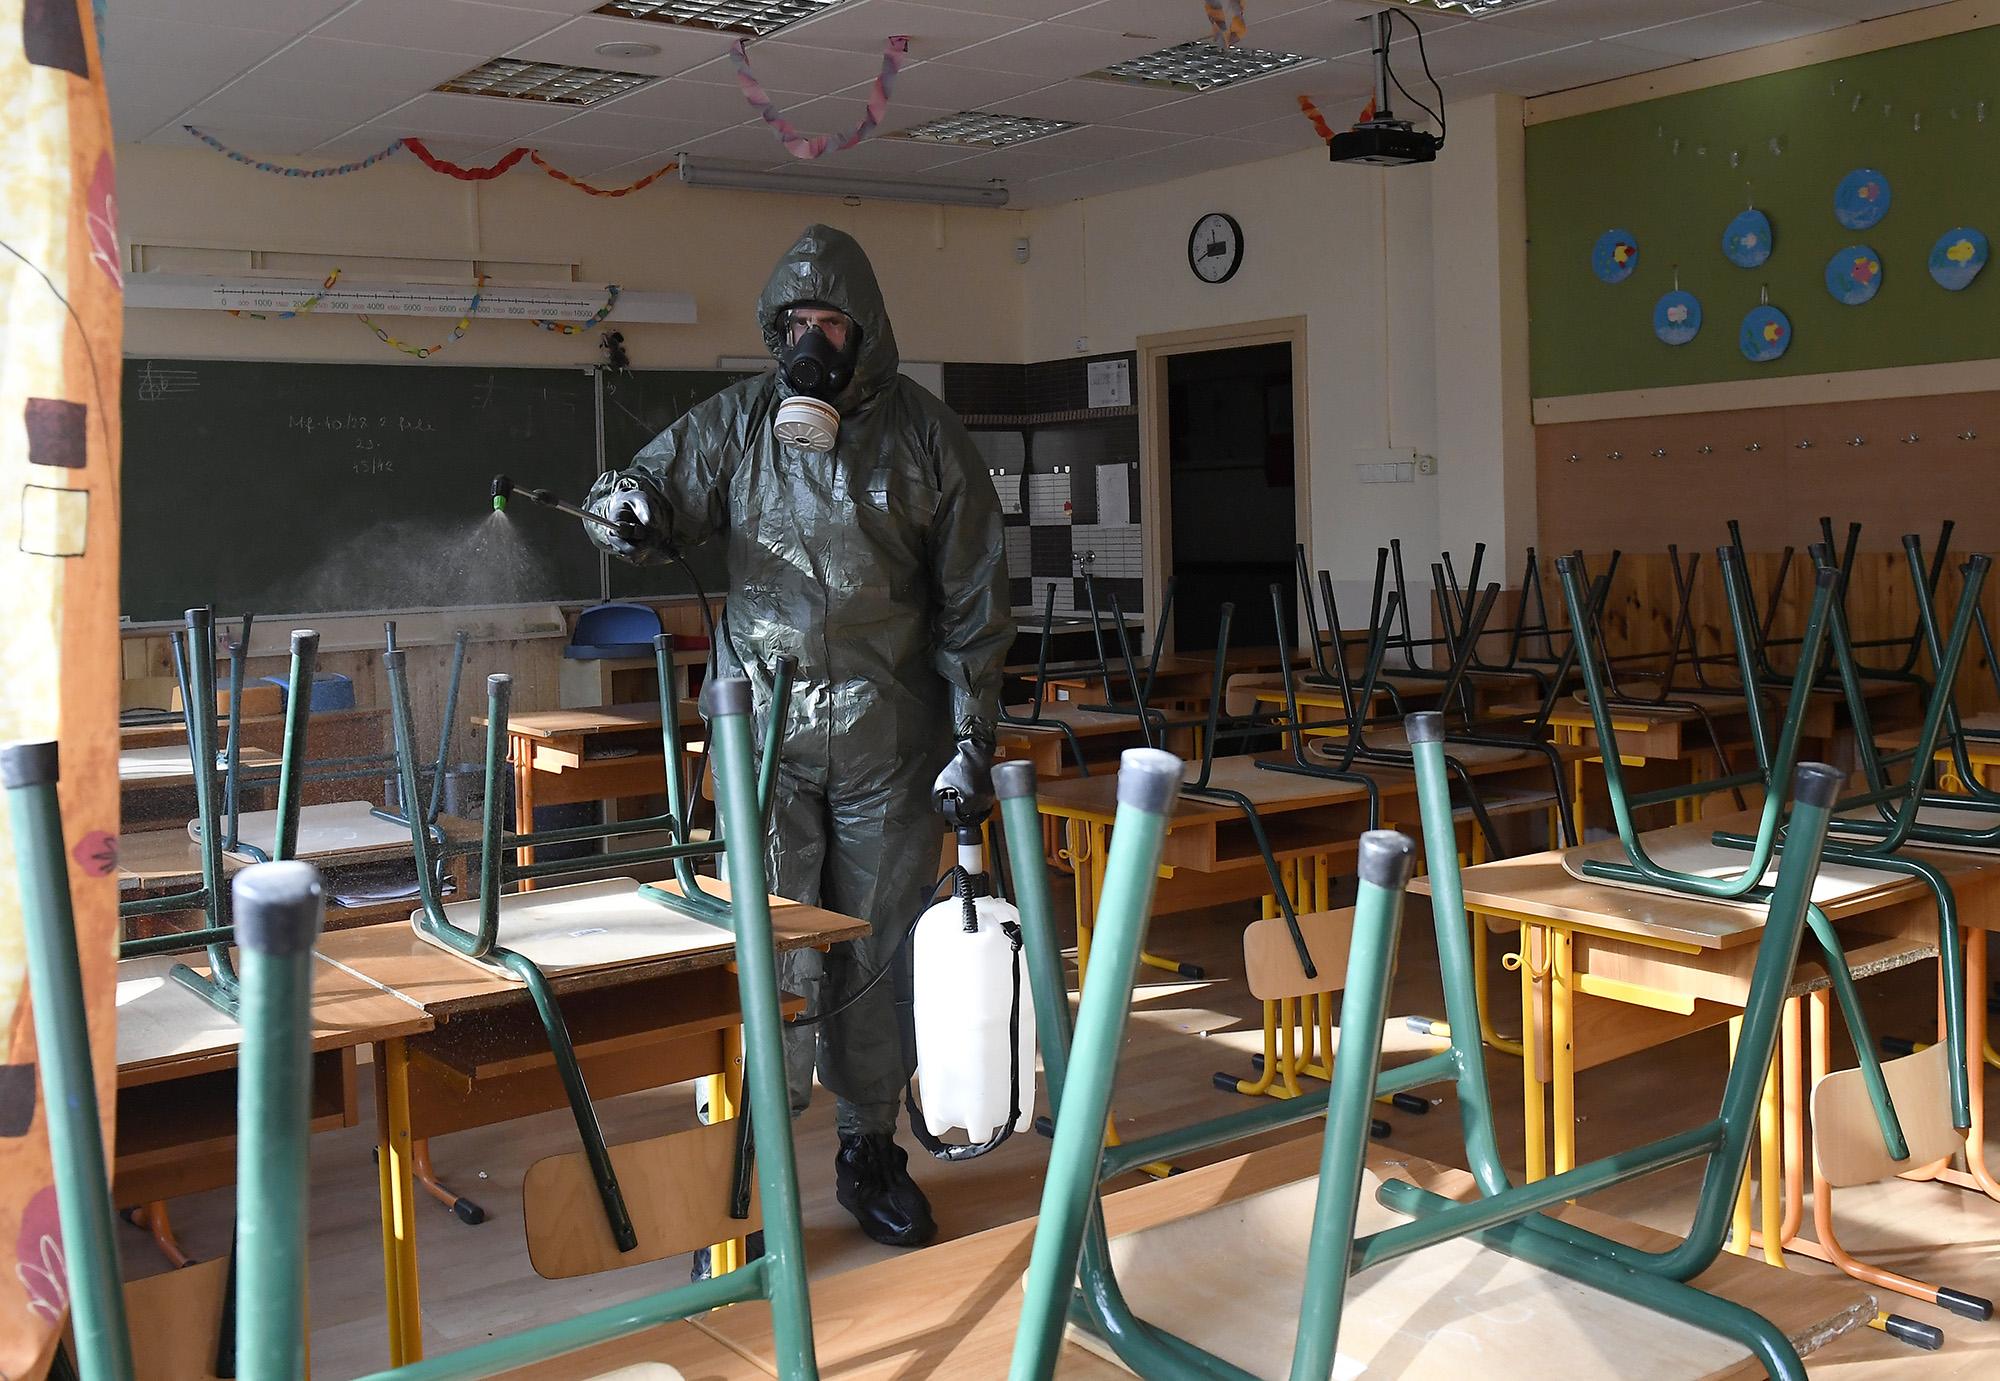 Koronavírus miatti fertőtlenítés egy iskolában